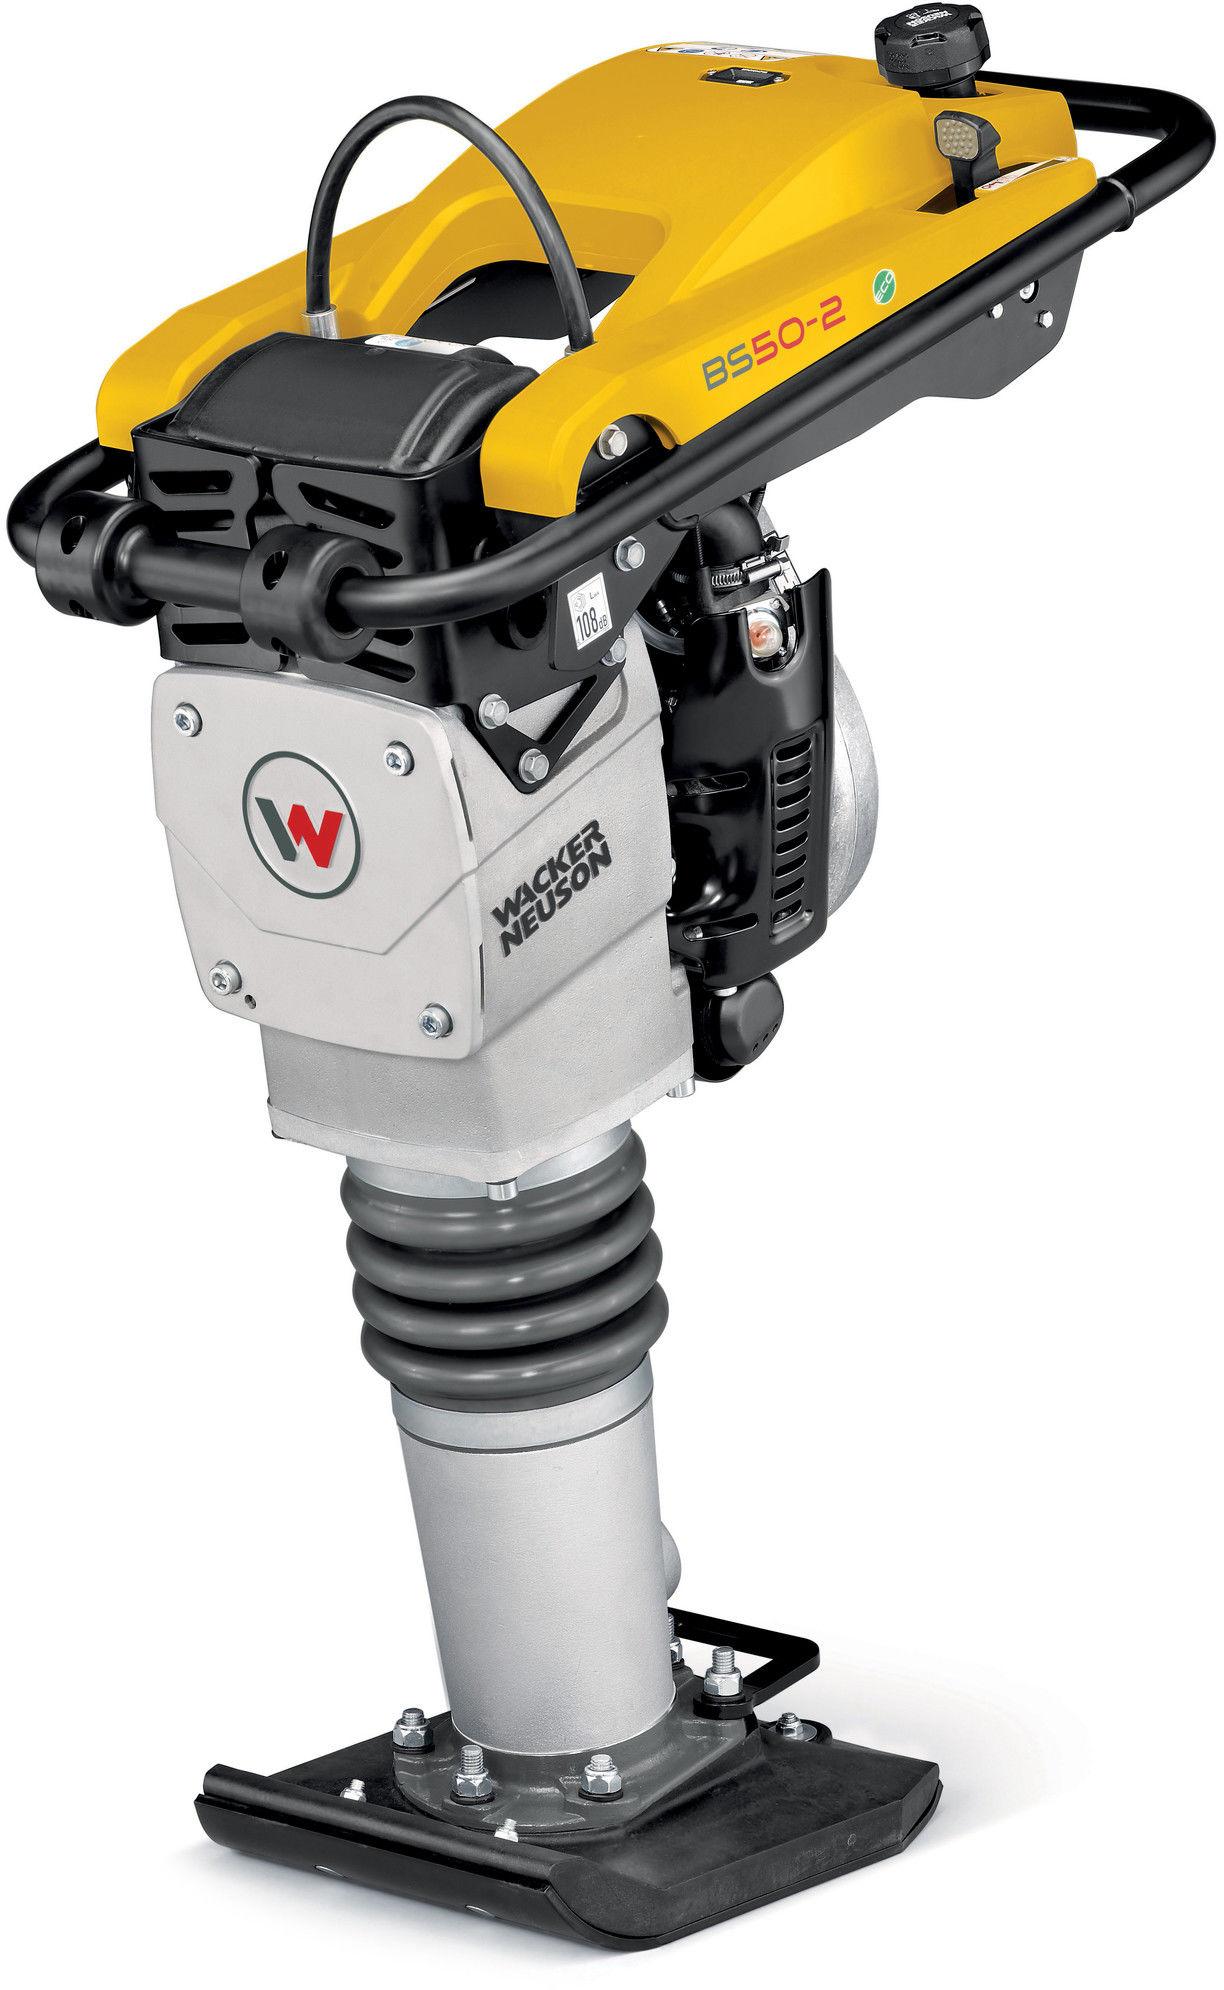 Zagęszczarka stopowa (ubijak) Wacker Neuson BS 50-2 (280mm)